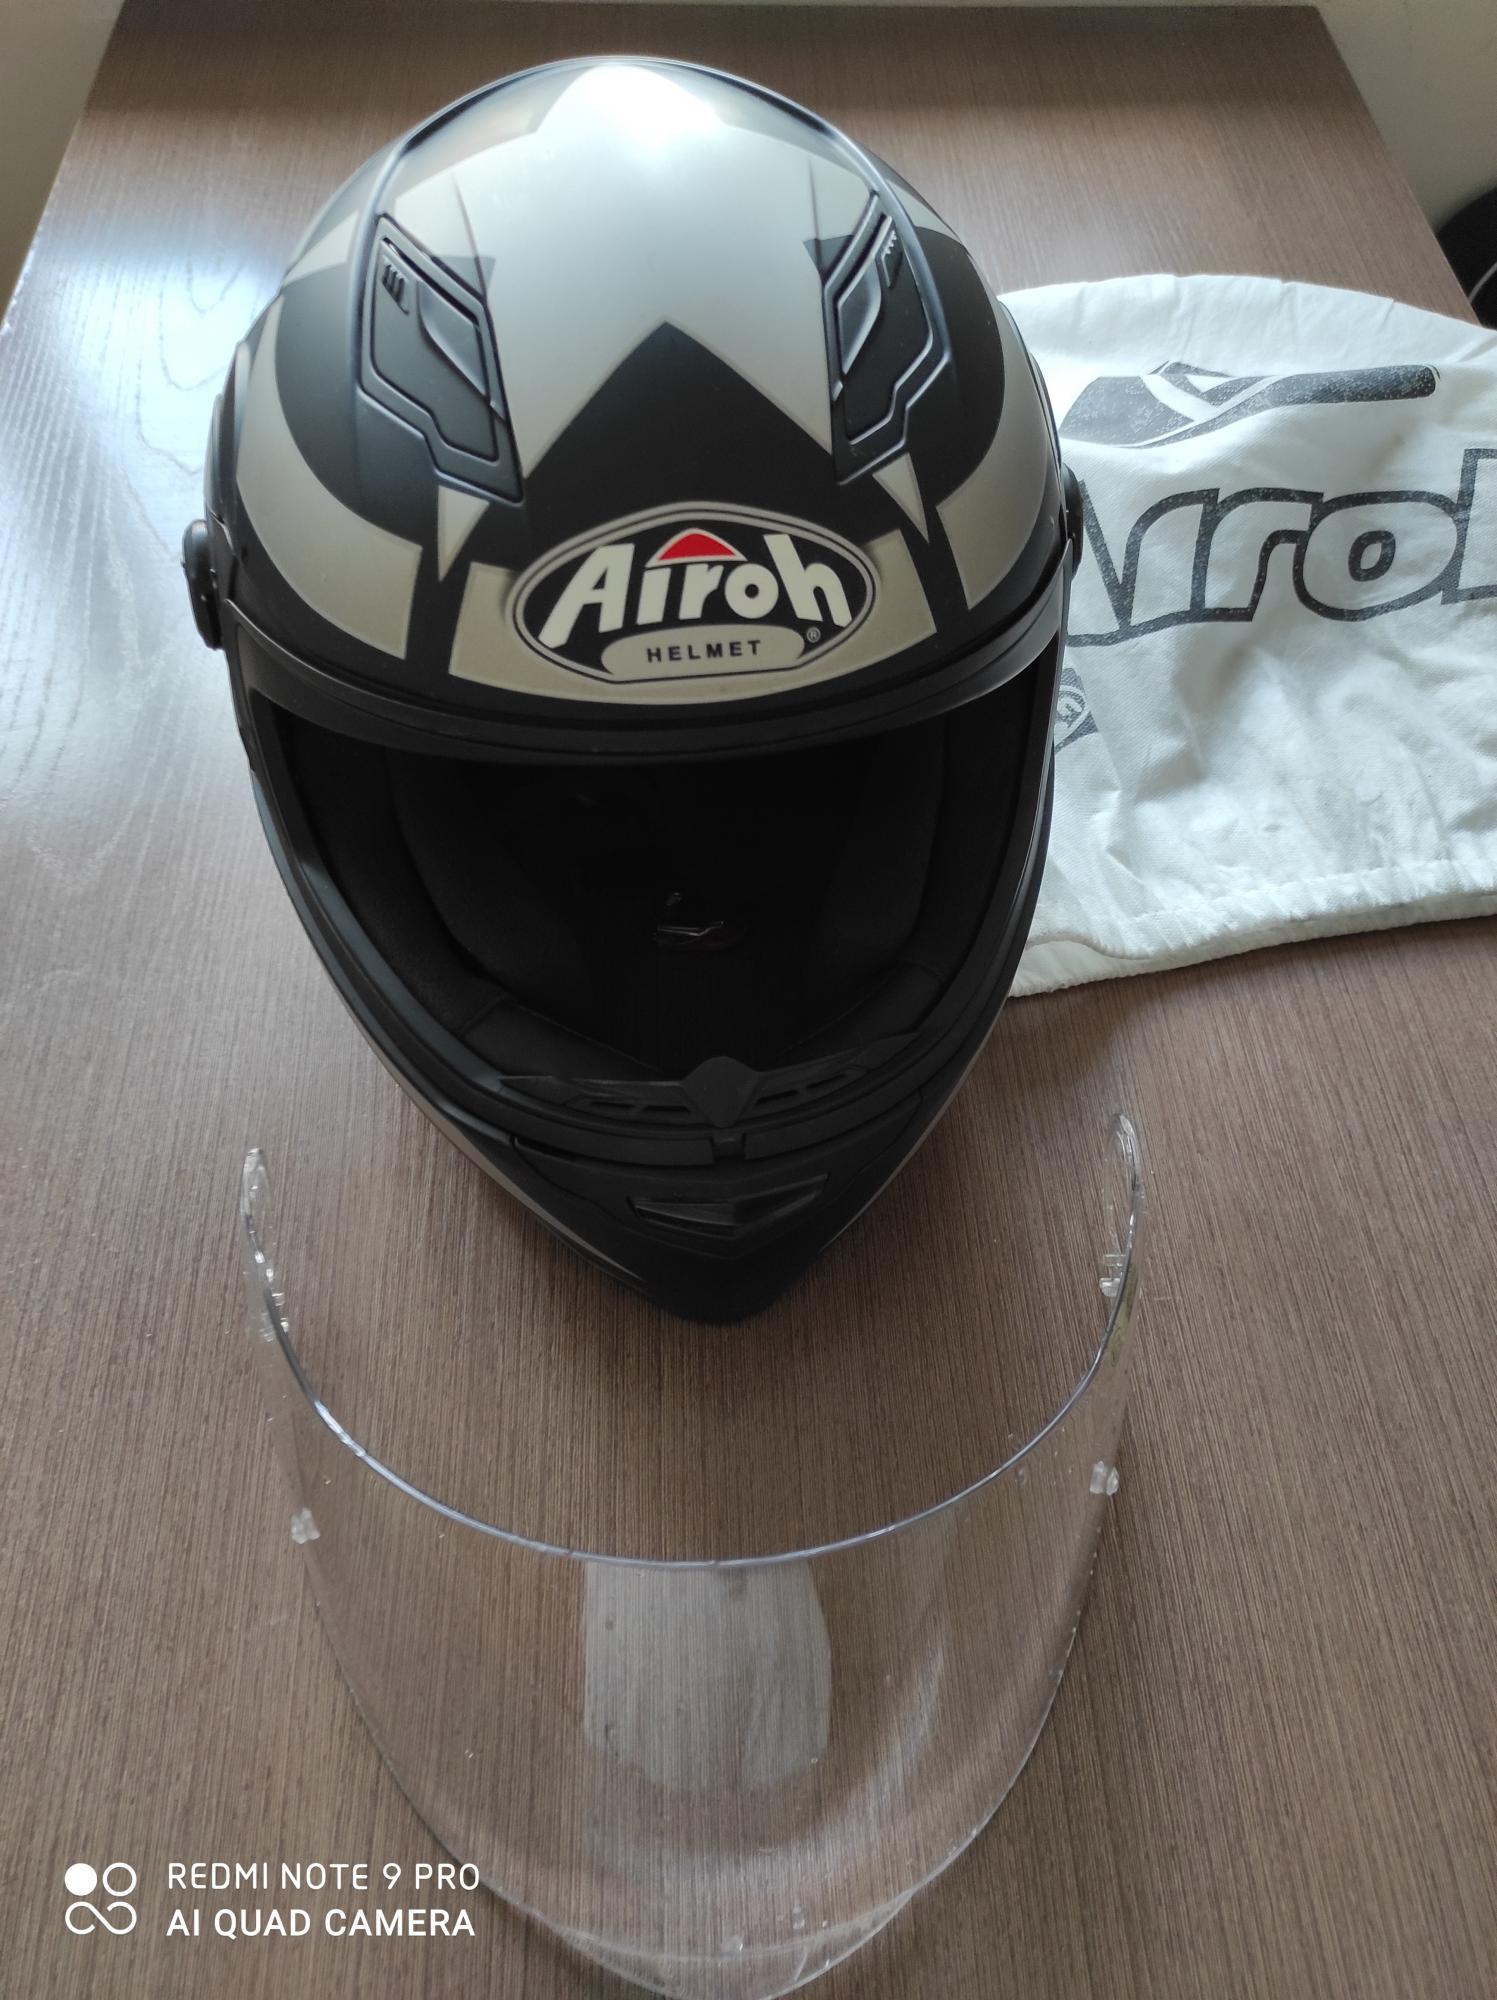 Airoh Movement Shot в Хабаровске 89990806637 купить 7